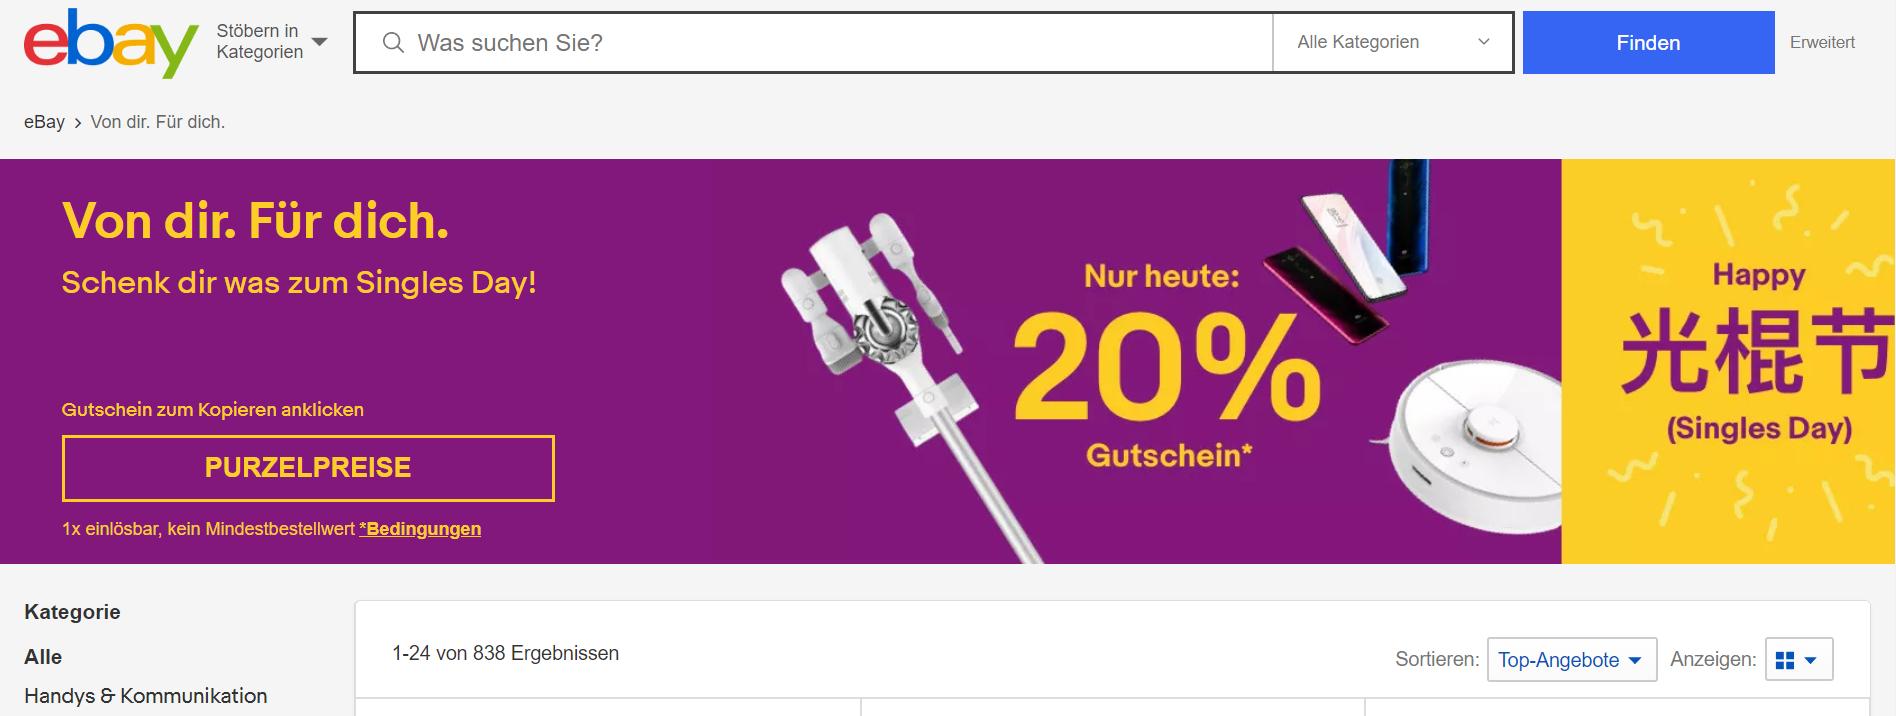 Ebay 20% Gutschein zum Singles Day!